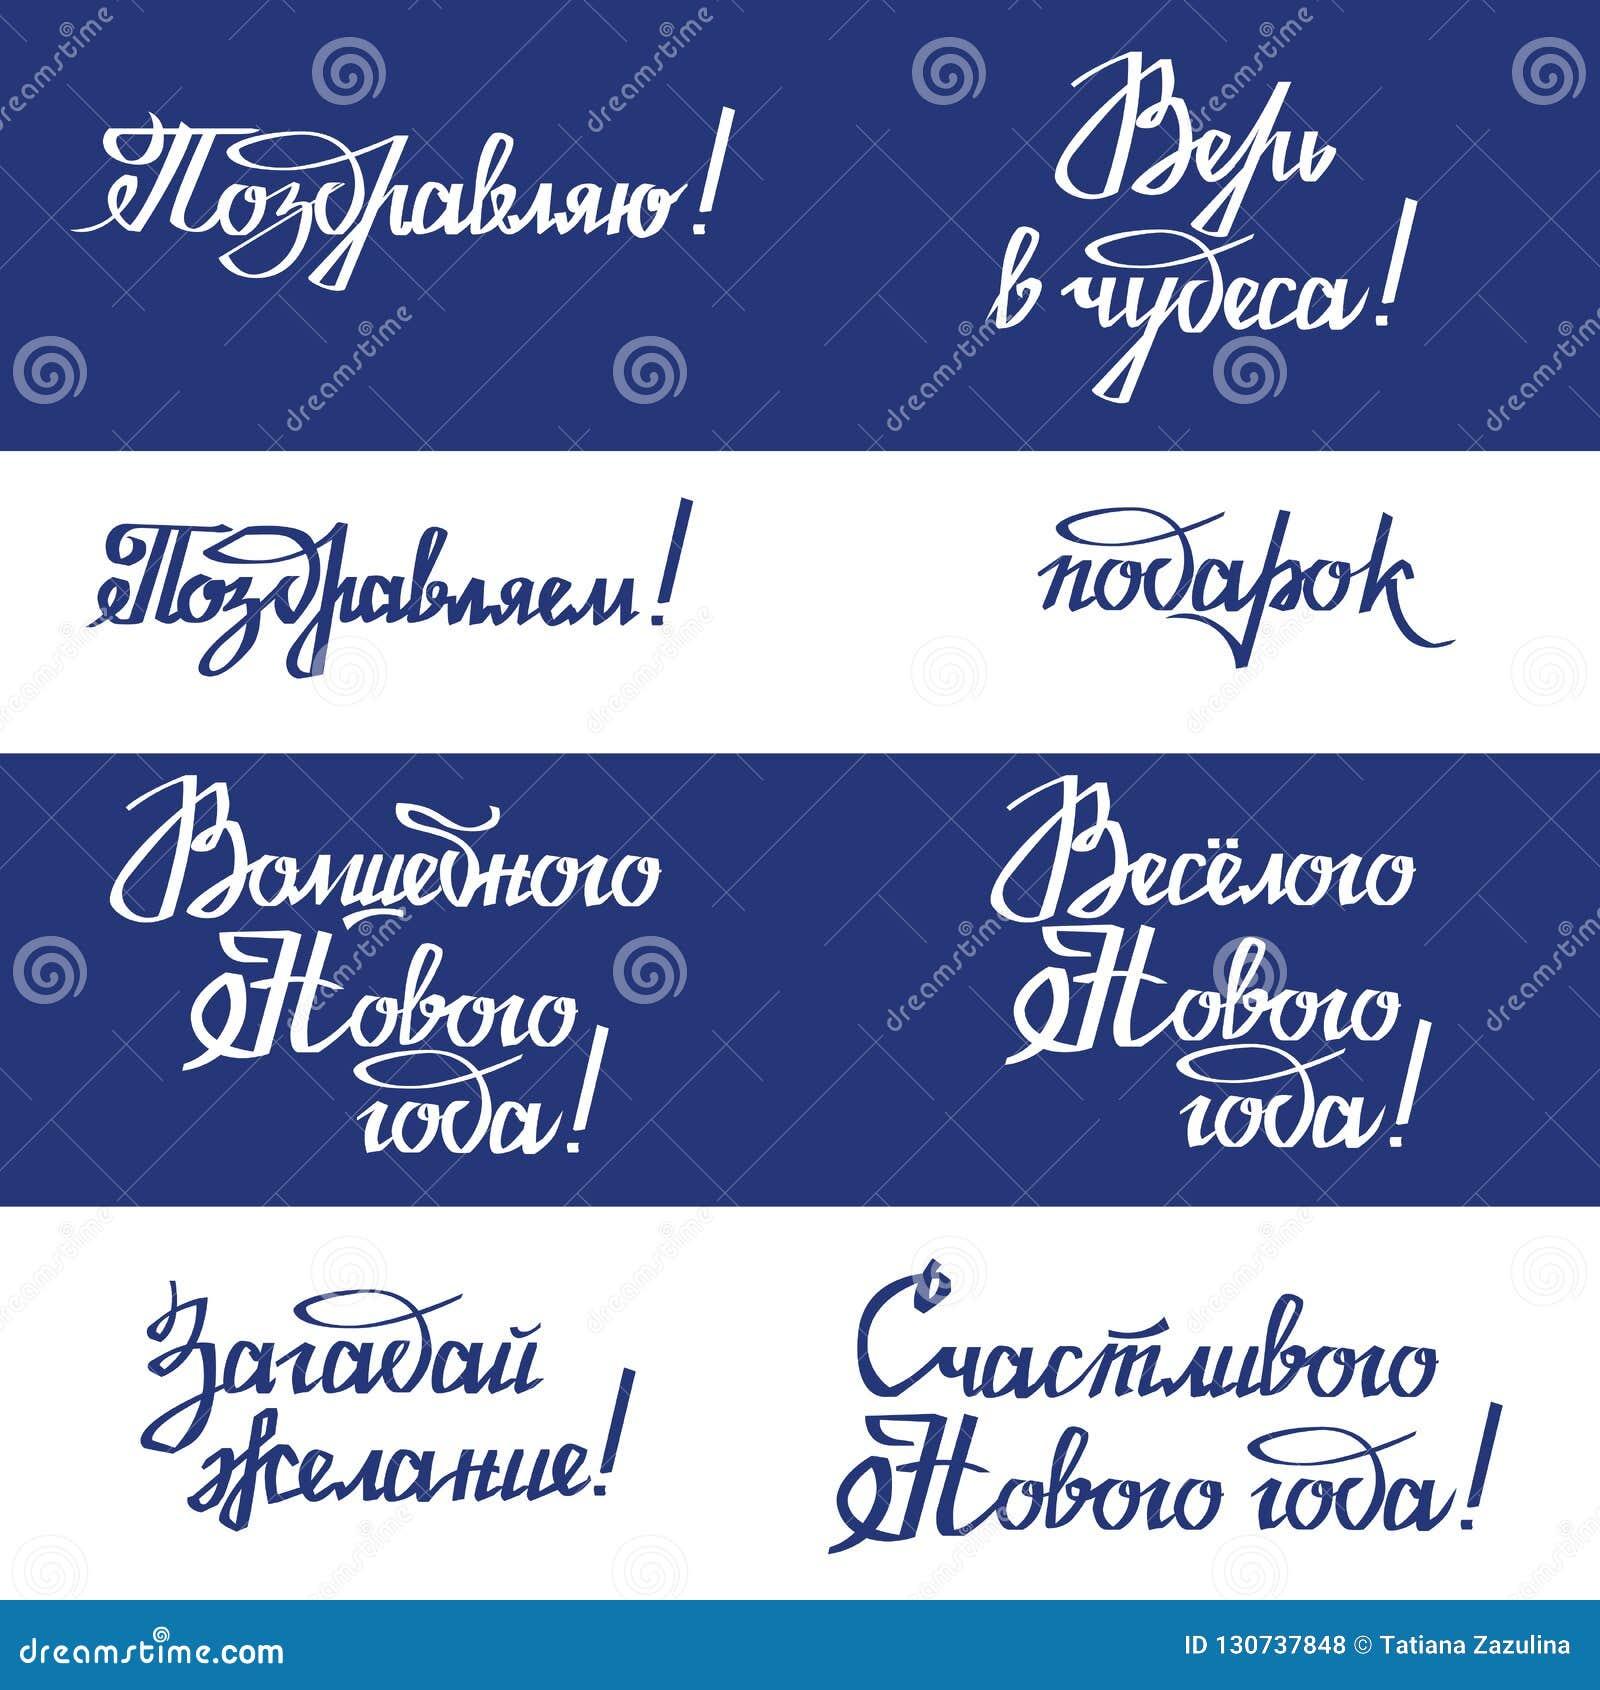 Frohe Weihnachten Wunsch.Beschriften Des Zitate Kalligraphiesatzes Russischer Text